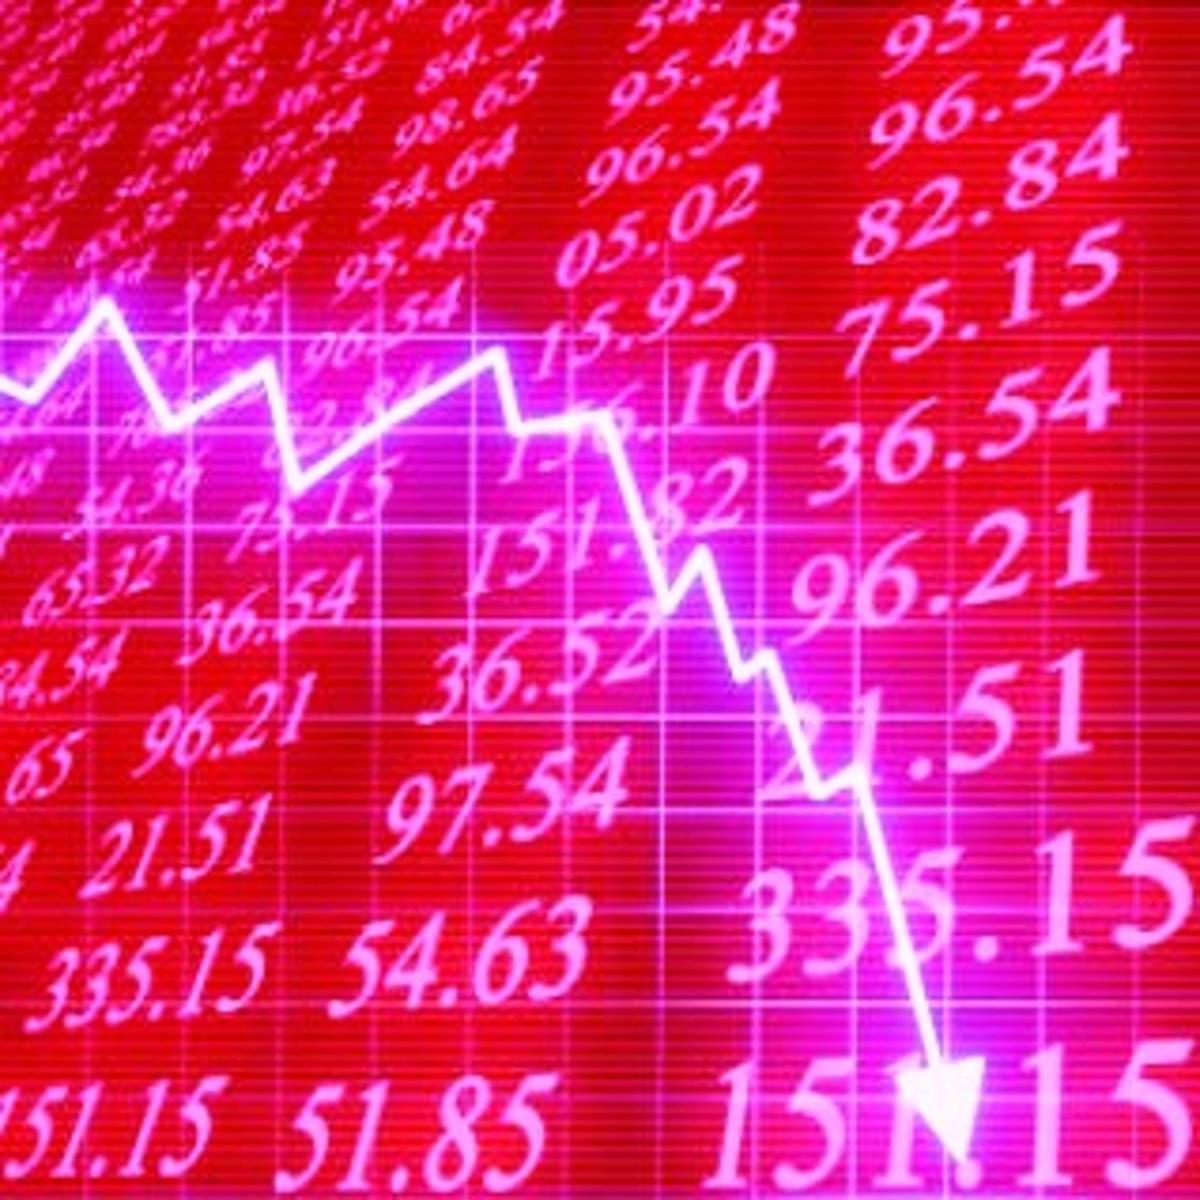 Συνεχίζει την κατρακύλα το Χρηματιστήριο | Newsit.gr